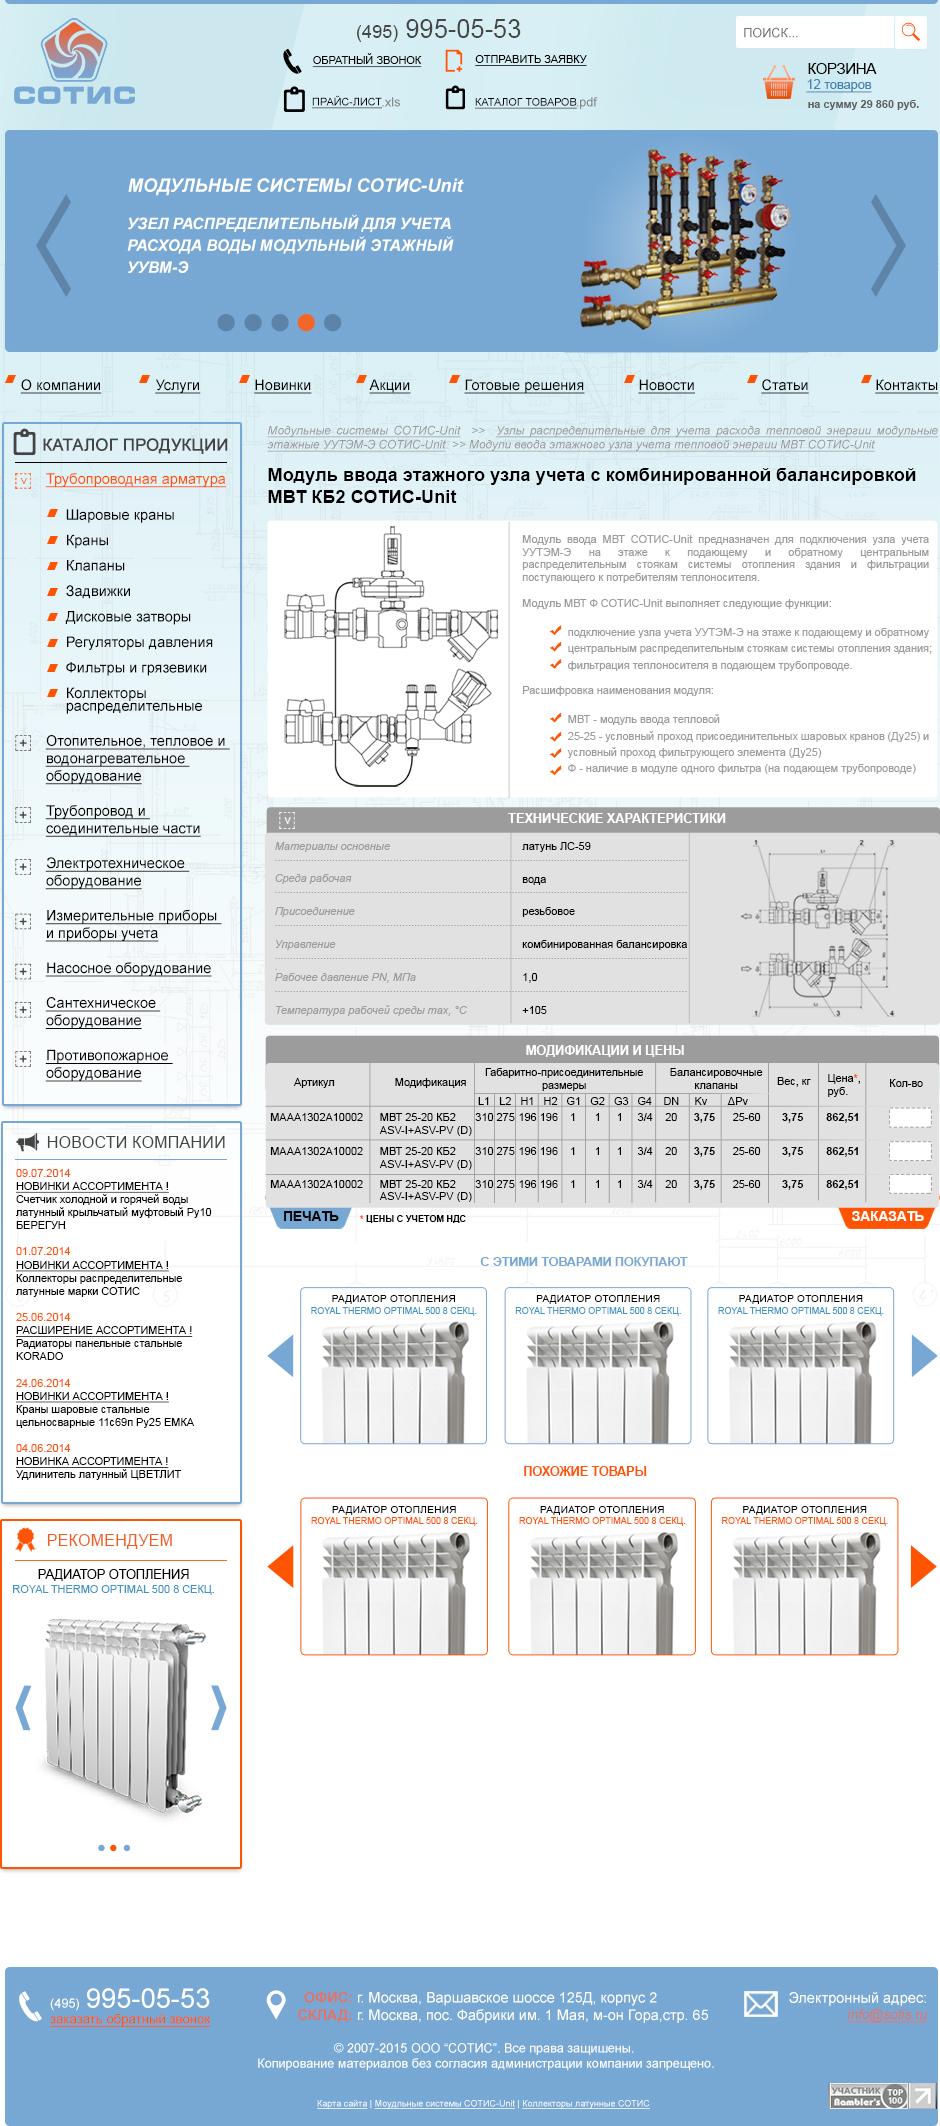 Разработка сайта для ведущего отечественного производителя коллекторных узлов учета воды и тепла СОТИС